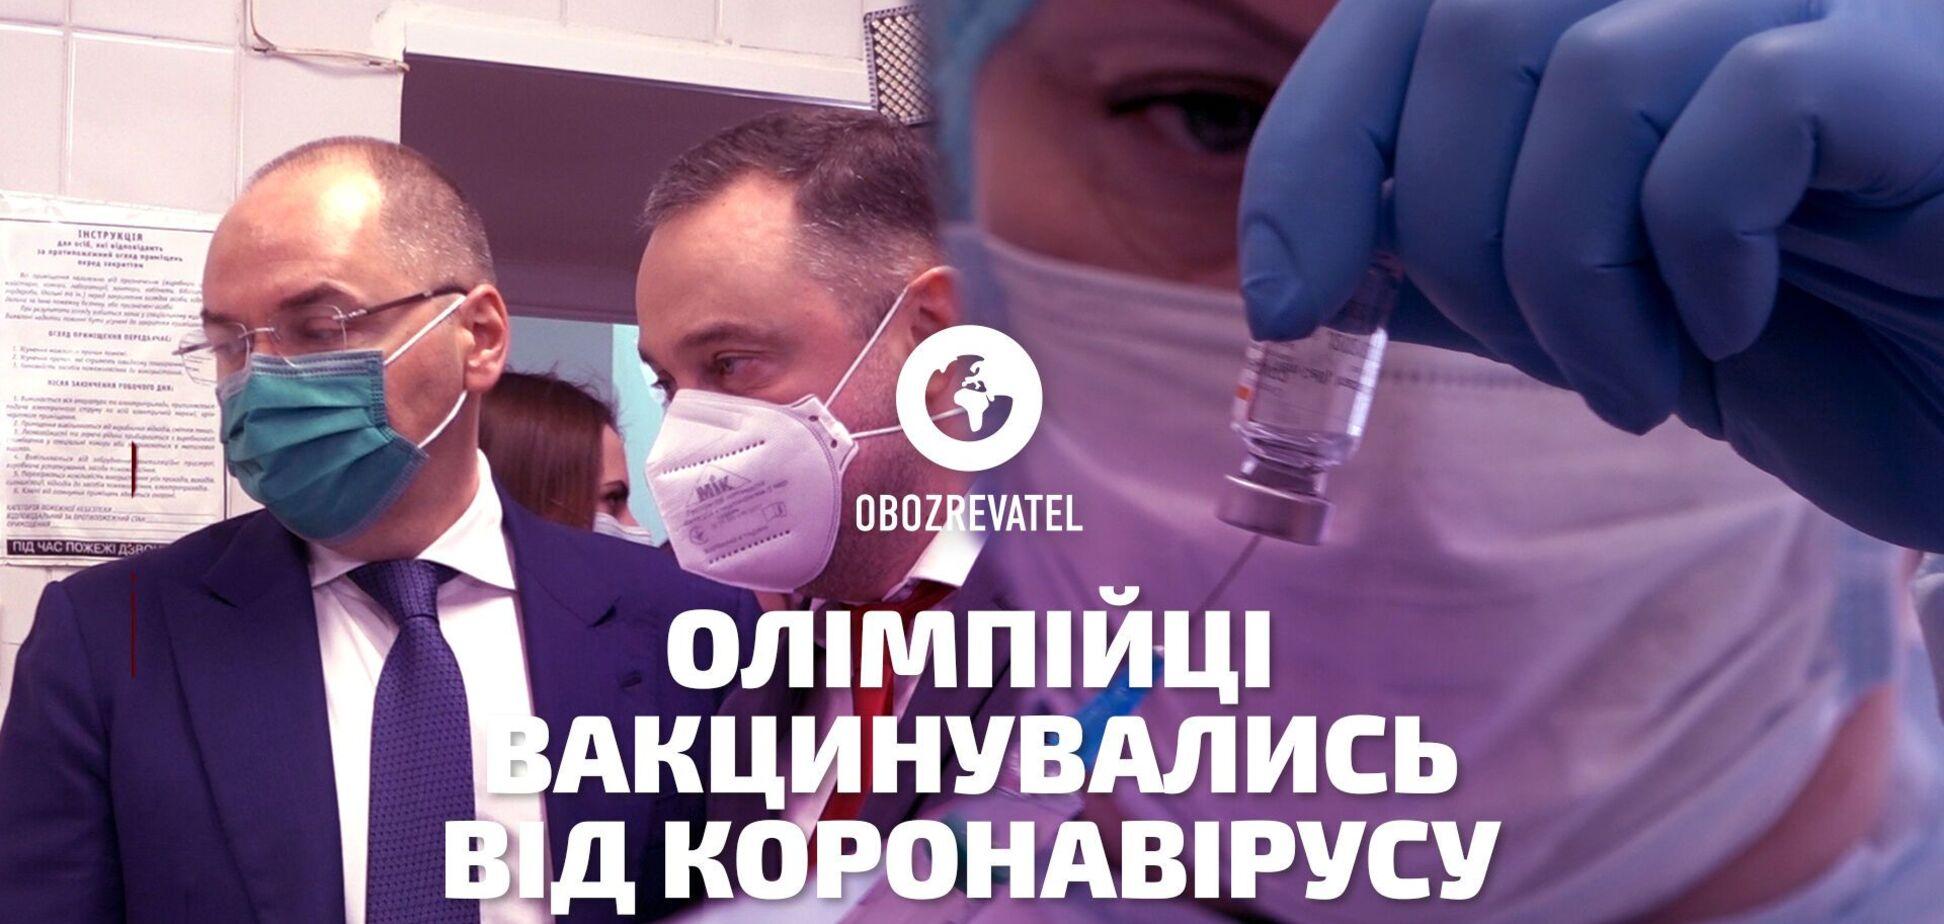 Спортсмени-олімпійці вакцинувались від коронавірусу